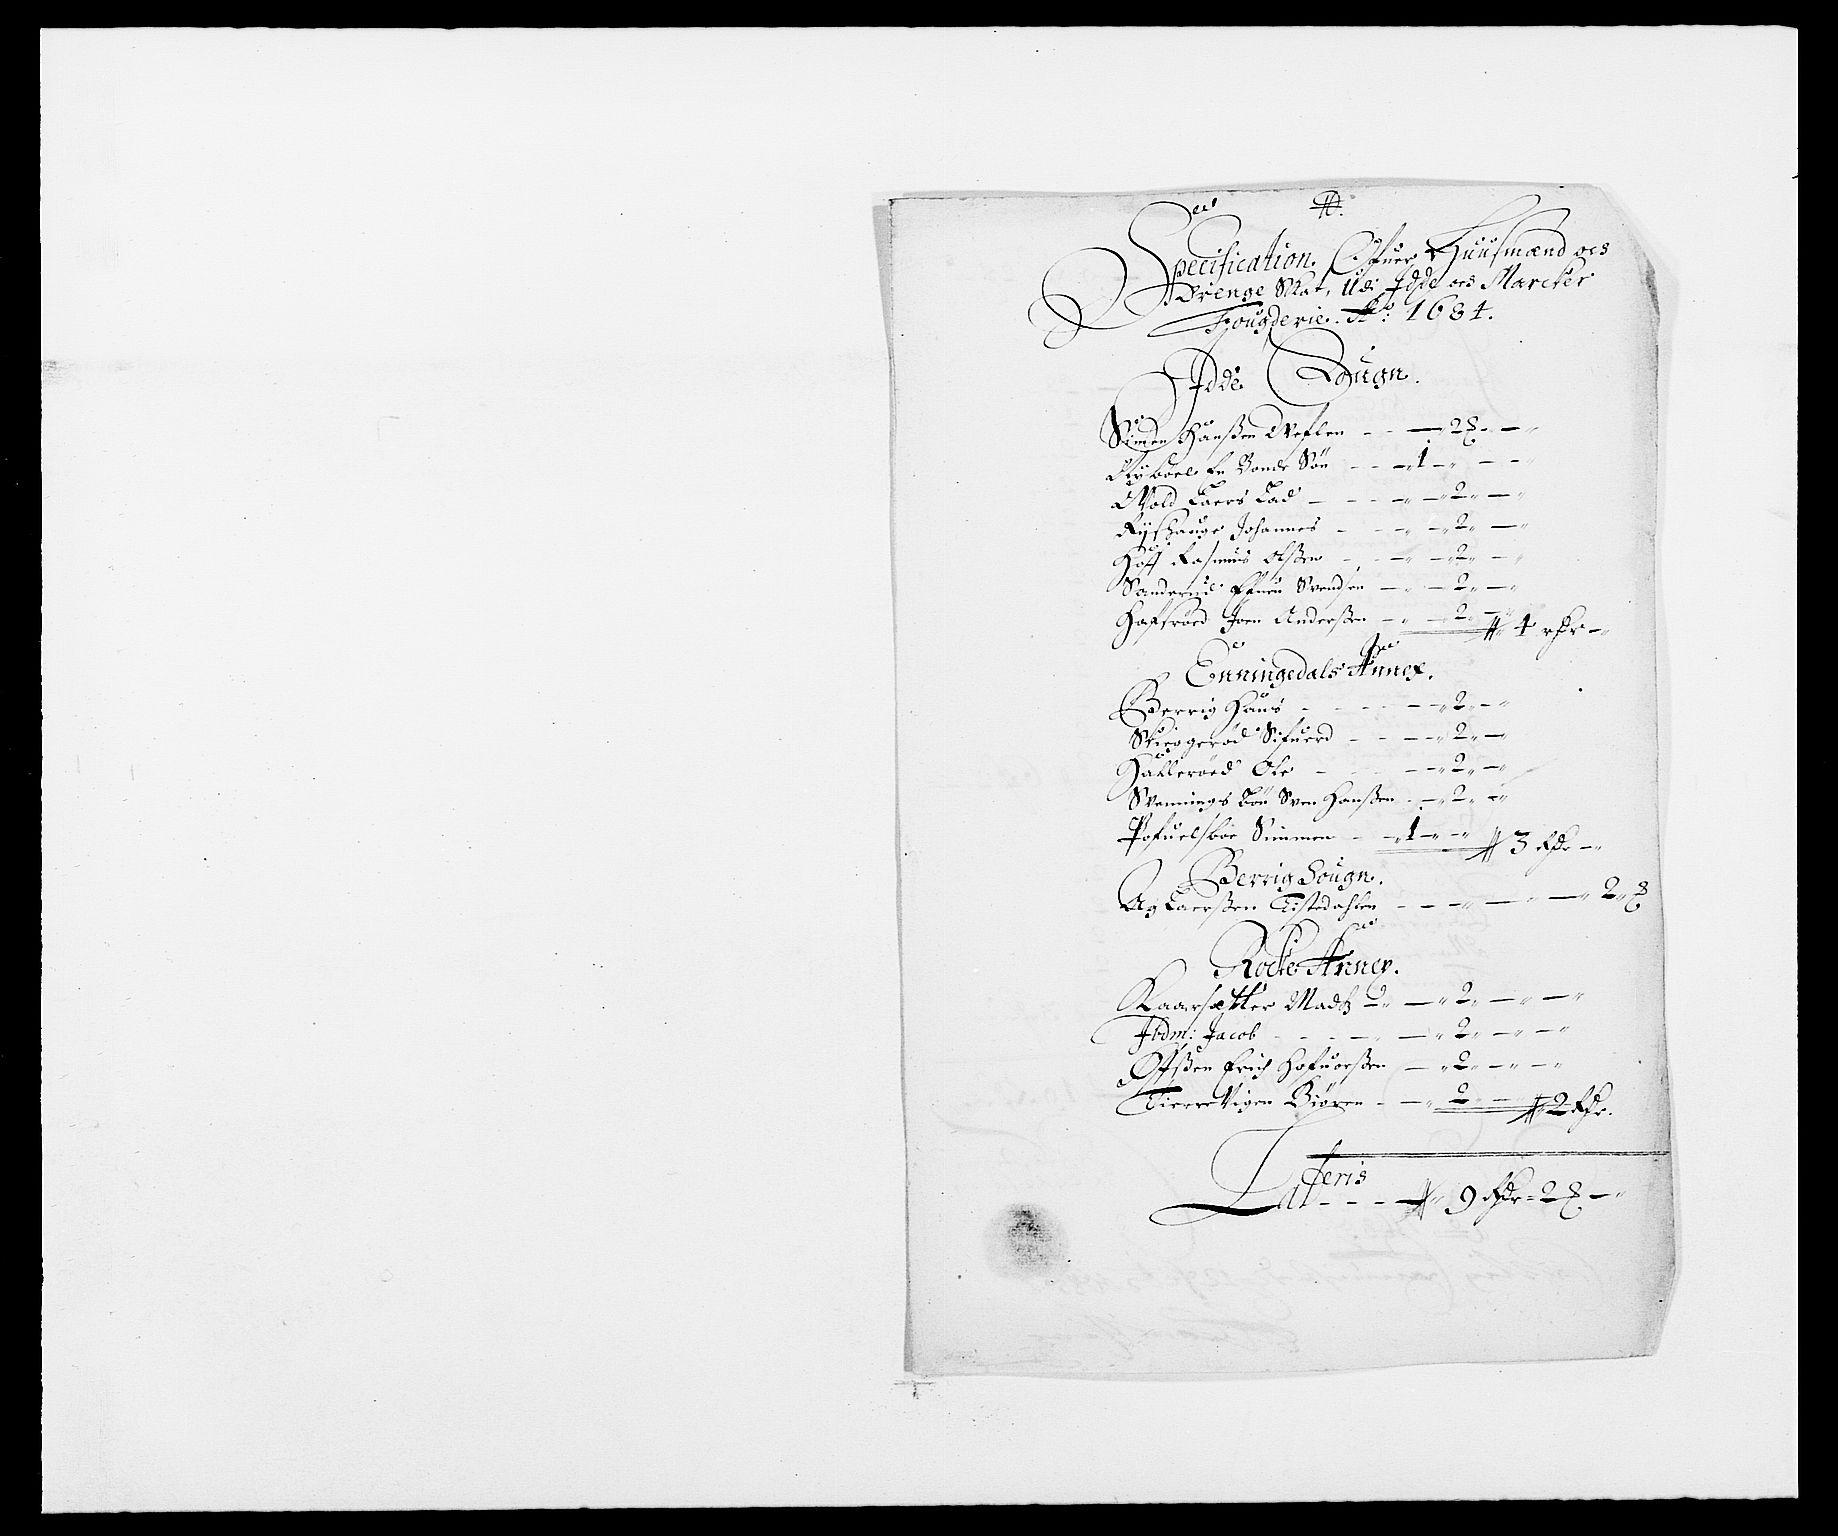 RA, Rentekammeret inntil 1814, Reviderte regnskaper, Fogderegnskap, R01/L0005: Fogderegnskap Idd og Marker , 1682-1684, s. 169